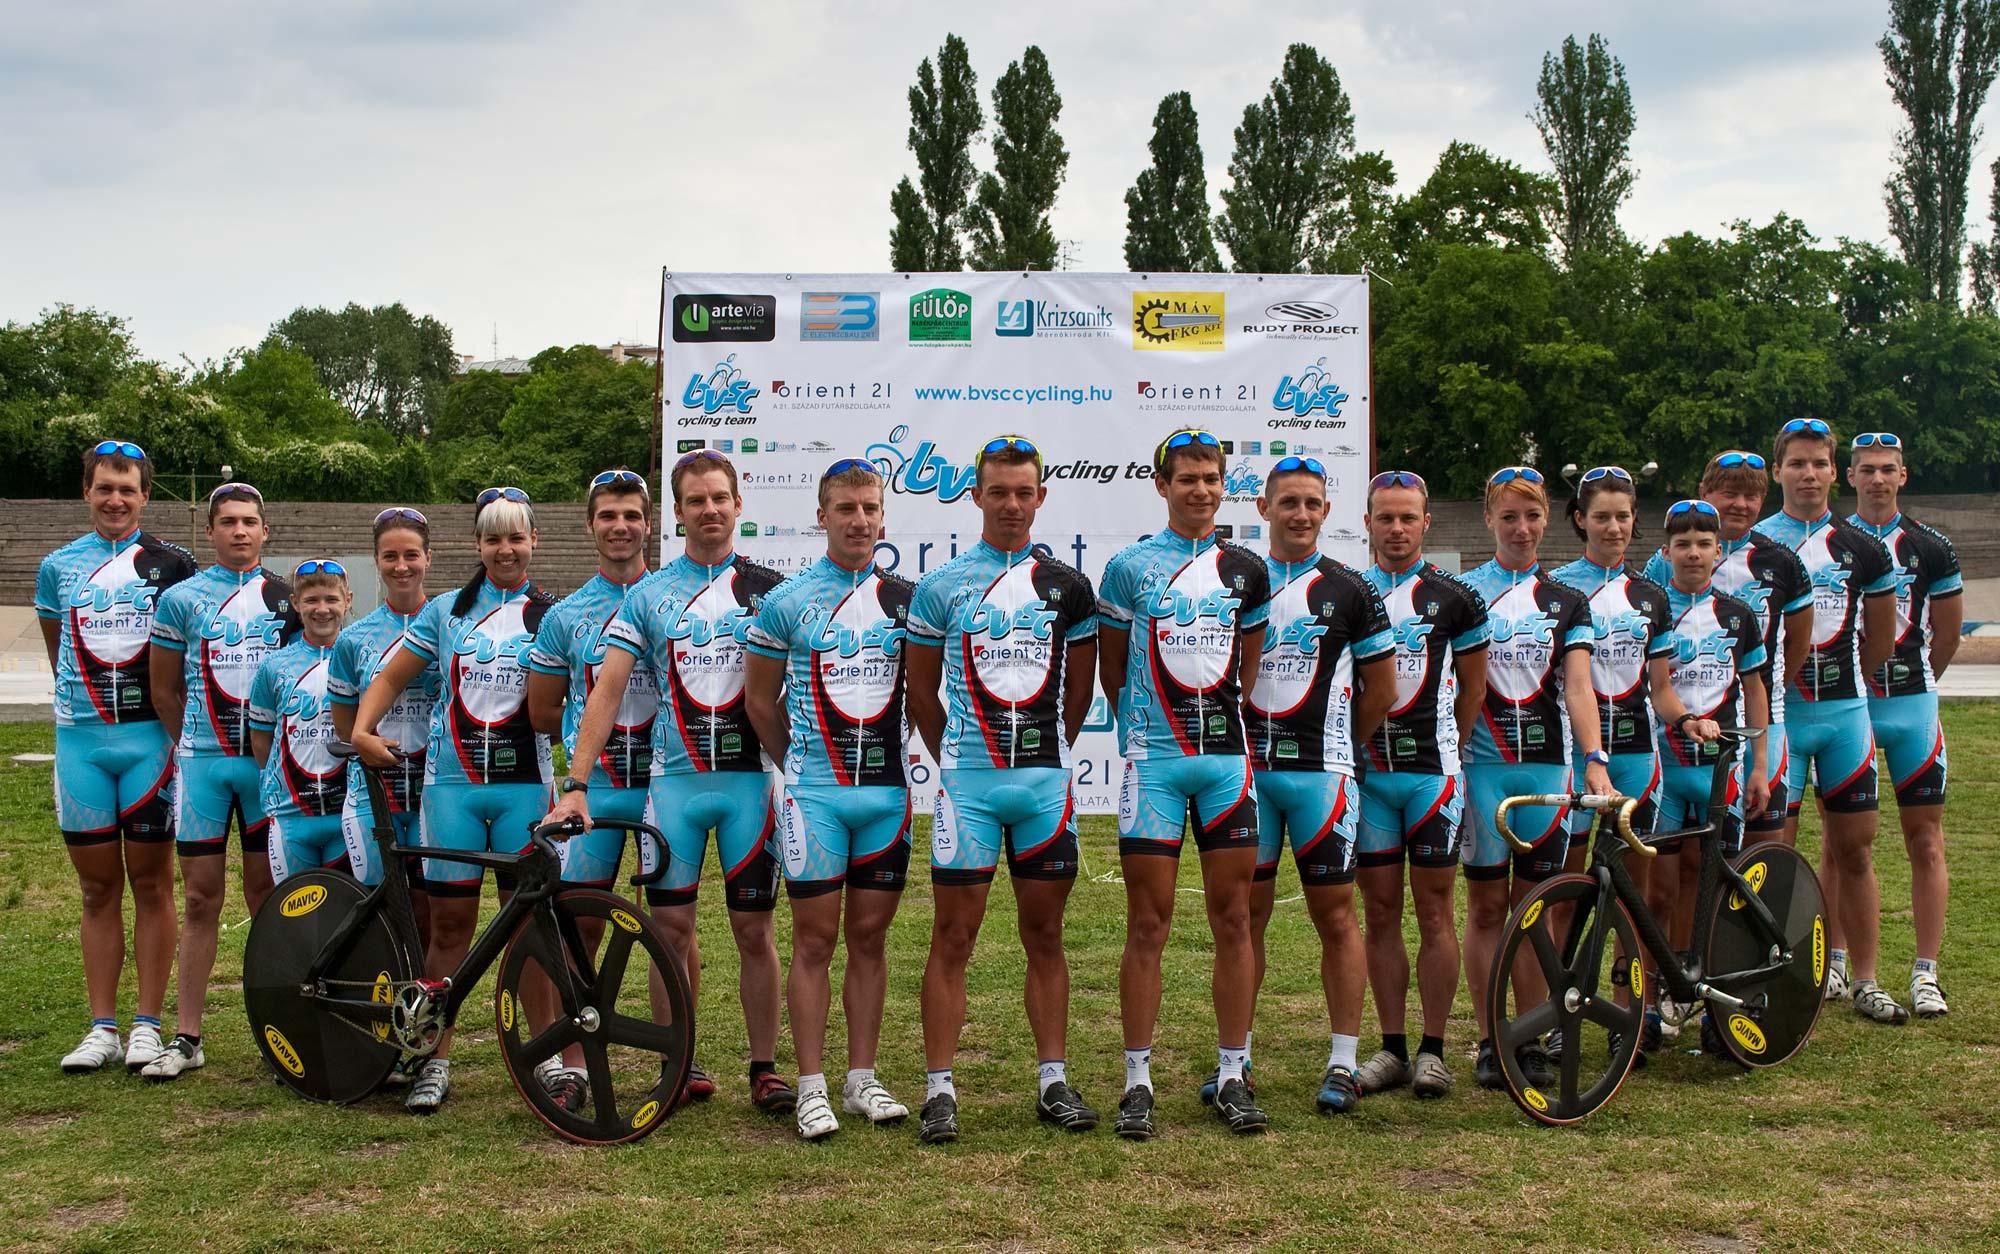 Megújult arculat, új támogató: a BVSC-Zugló Kerékpáros Szakosztály főszponzora 2011-ben az Orient 21 Futárszolgálat lett